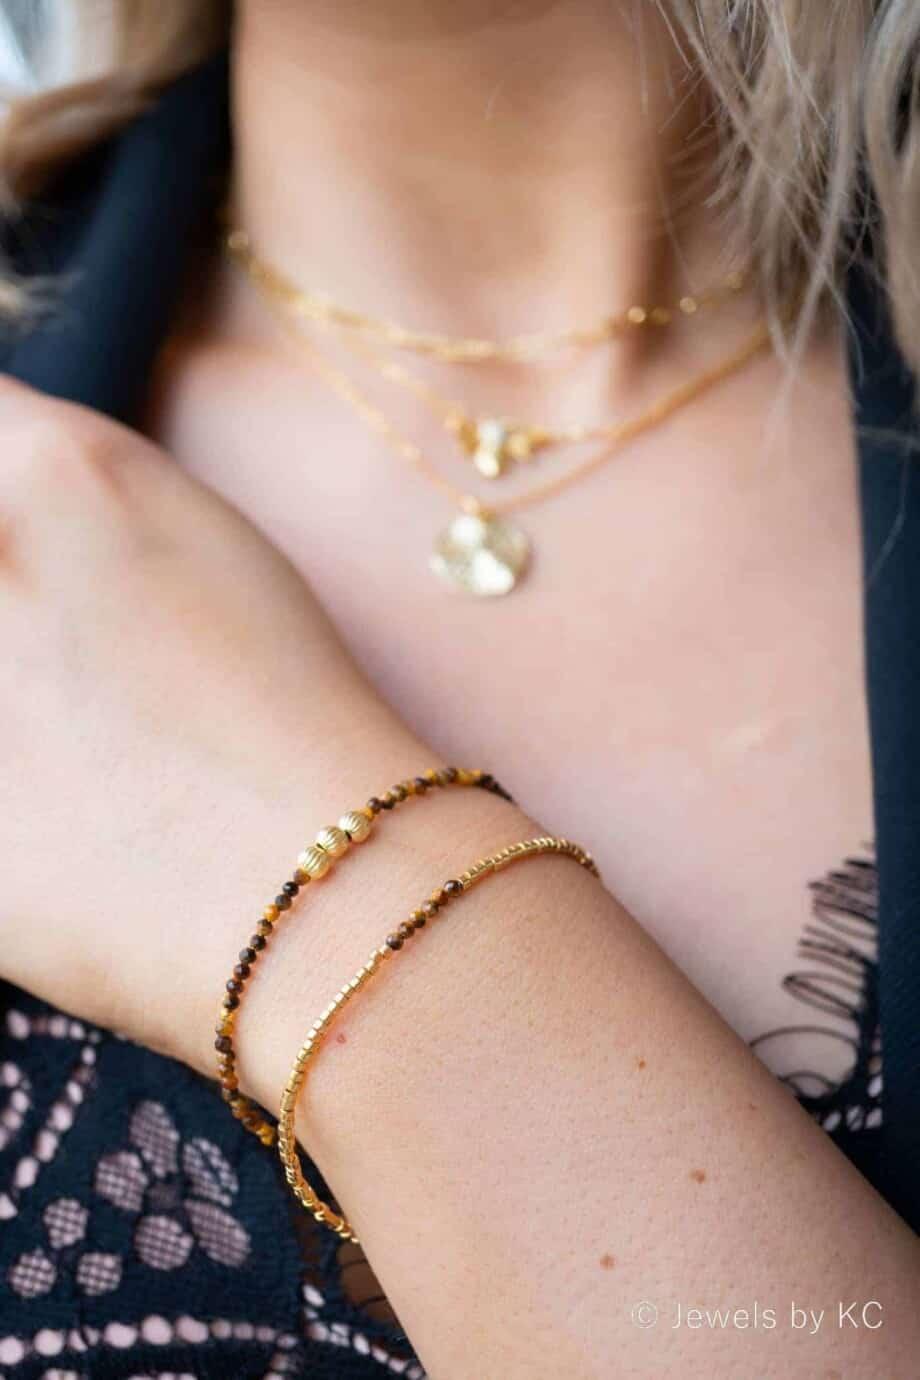 Gouden edelsteen Armband 'The eye of the tiger' van Goud op Zilver